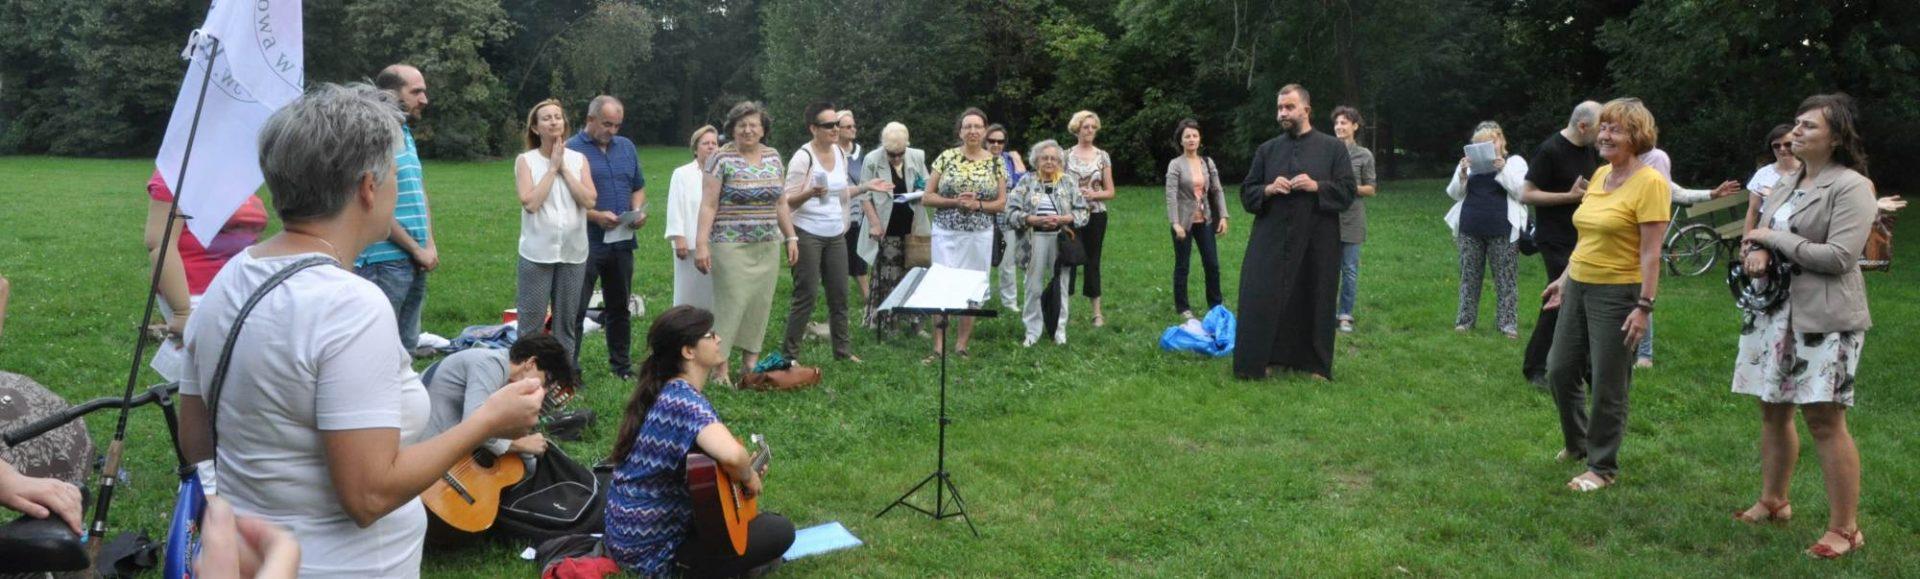 Odnowa w Duchu świętym diecezji warszawsko-praskiej